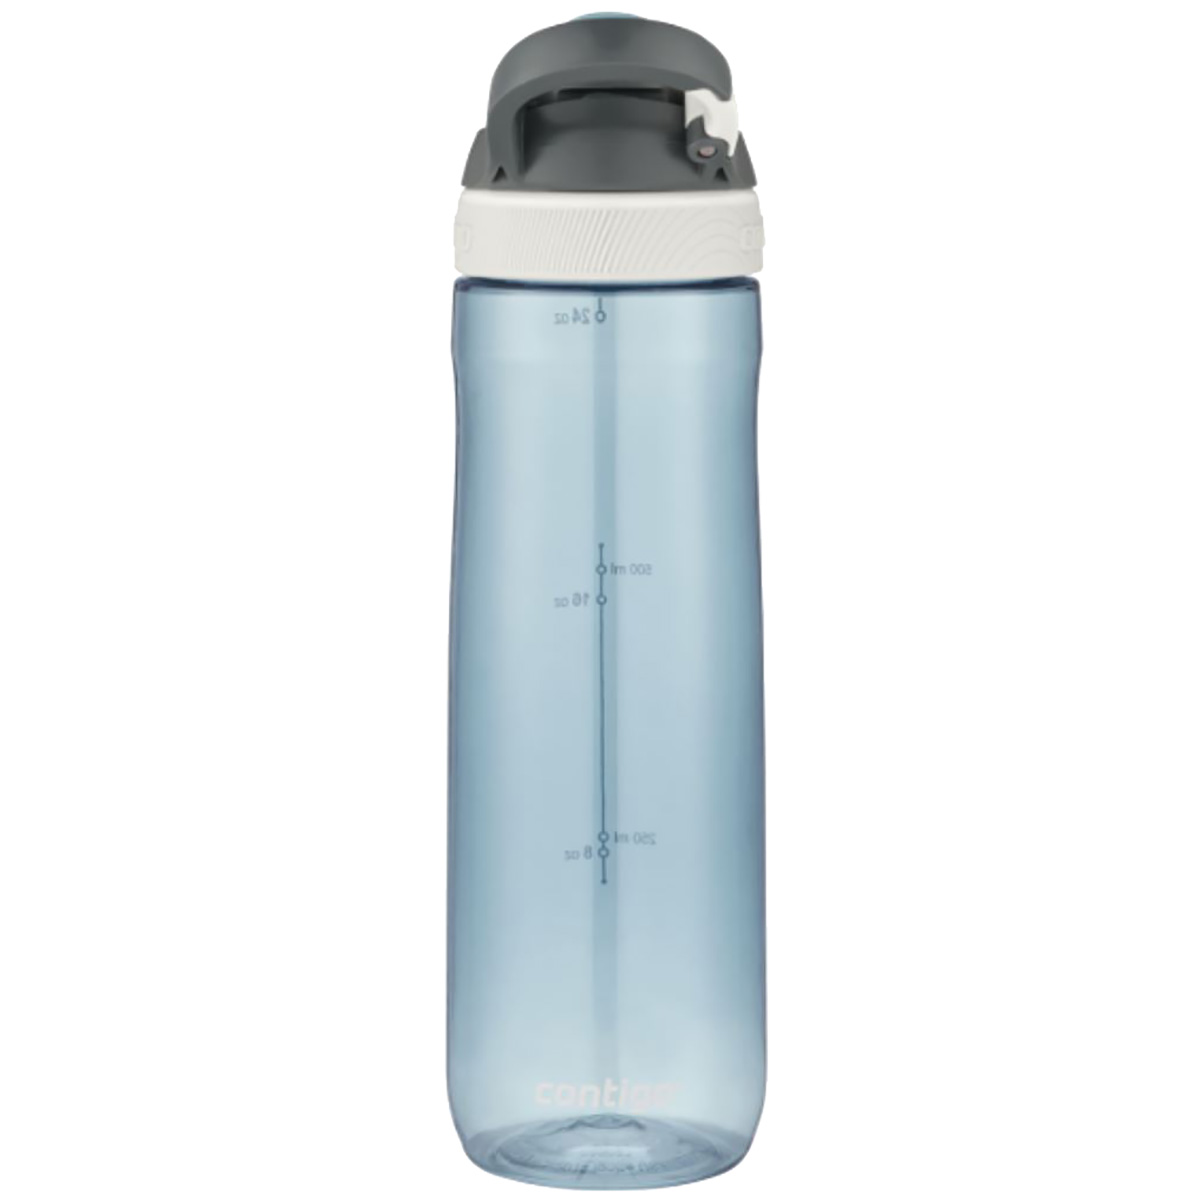 Contigo 24 oz Chug Autospout Leak-Proof Water Bottle